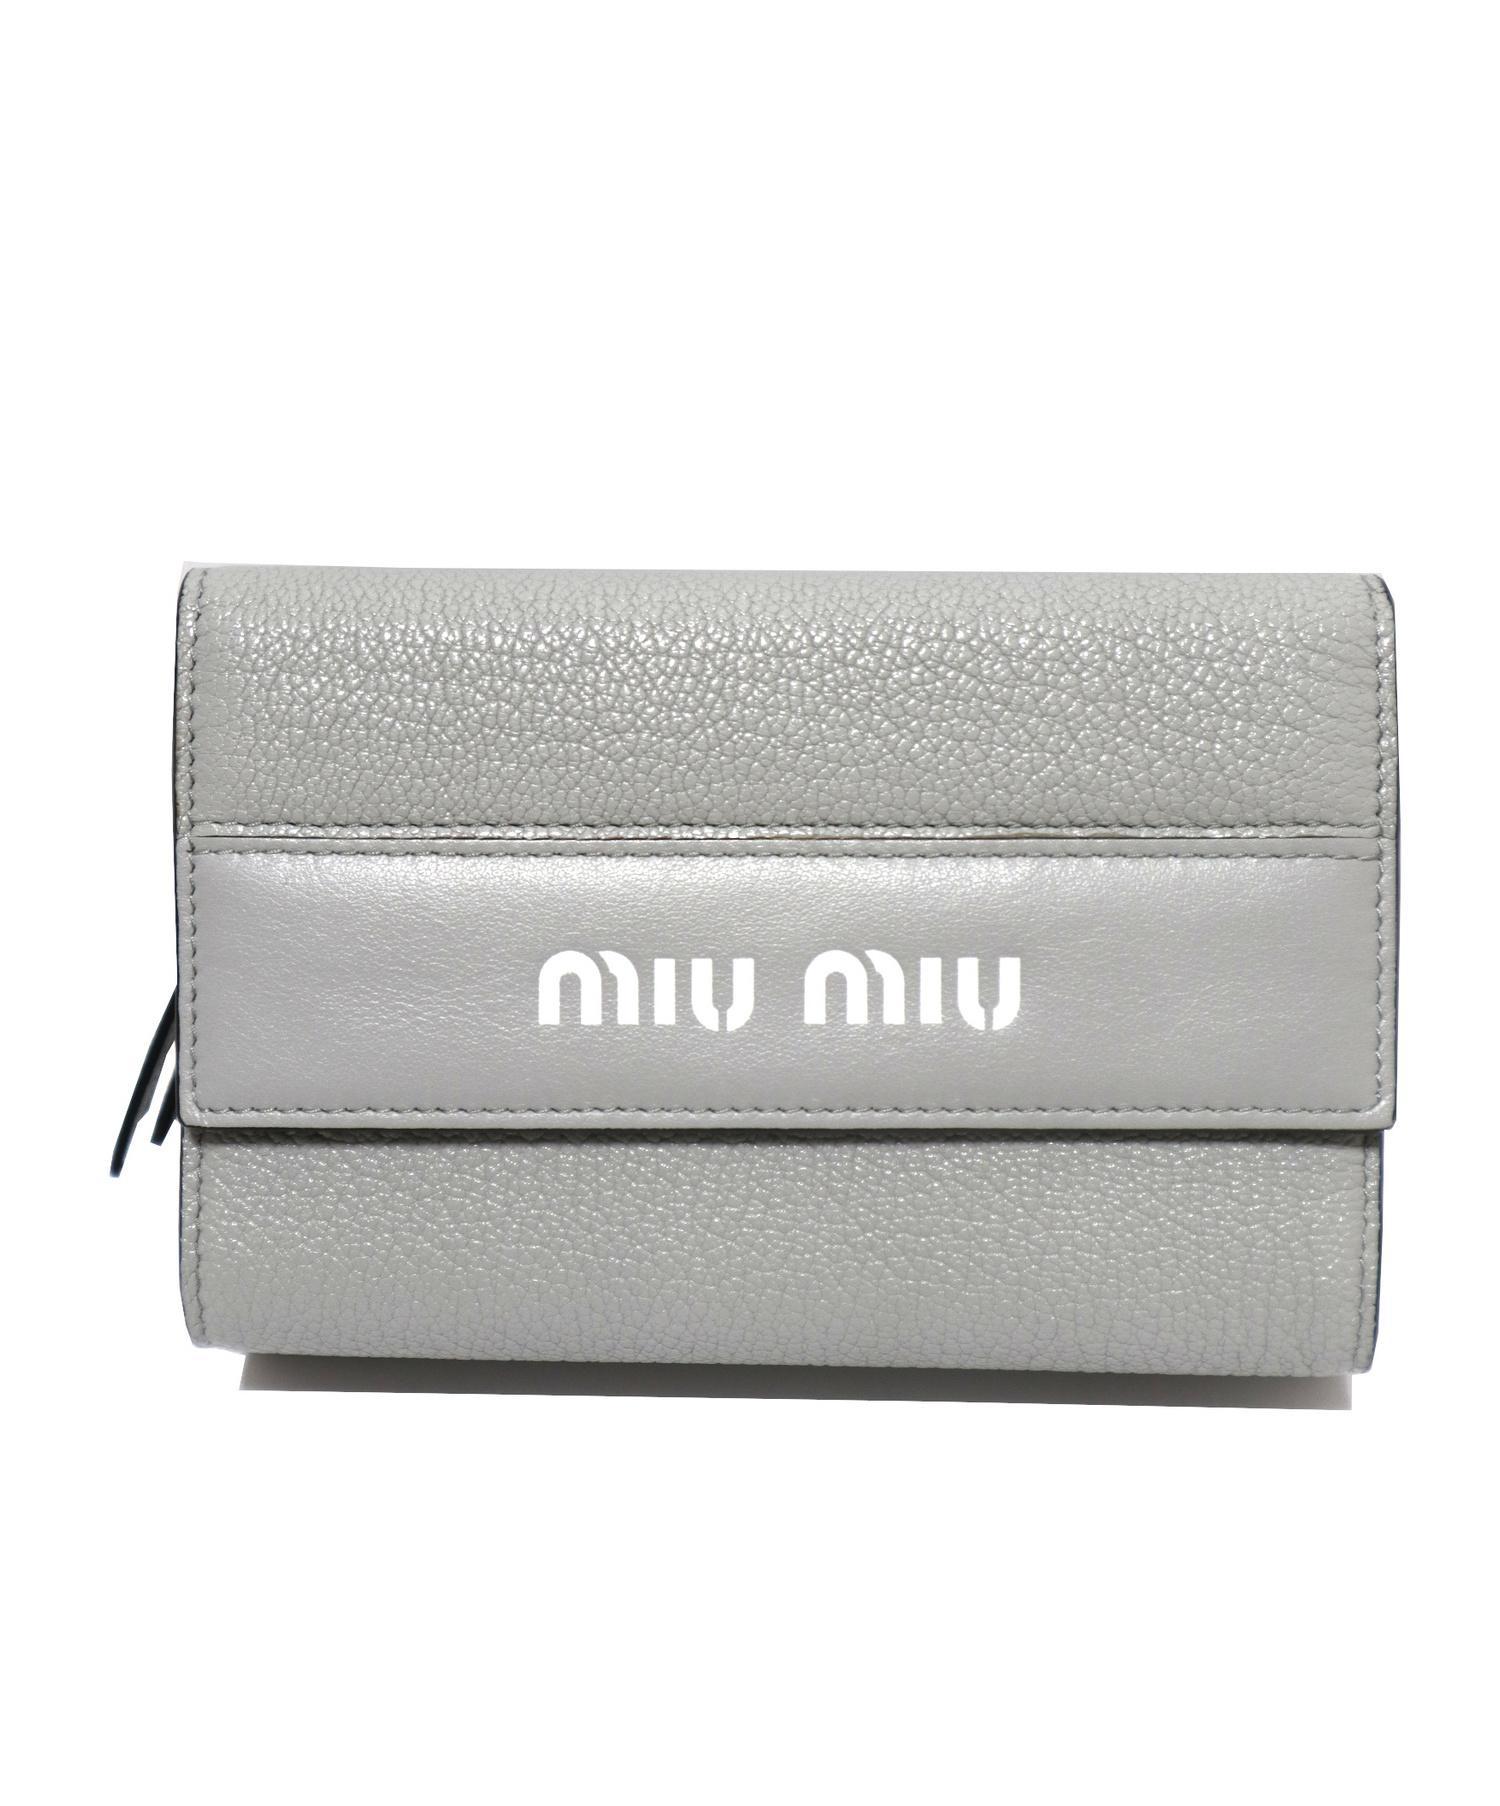 info for d30b2 8b64d [中古]MIU MIU(ミュウミュウ)のレディース 服飾小物 3つ折り財布